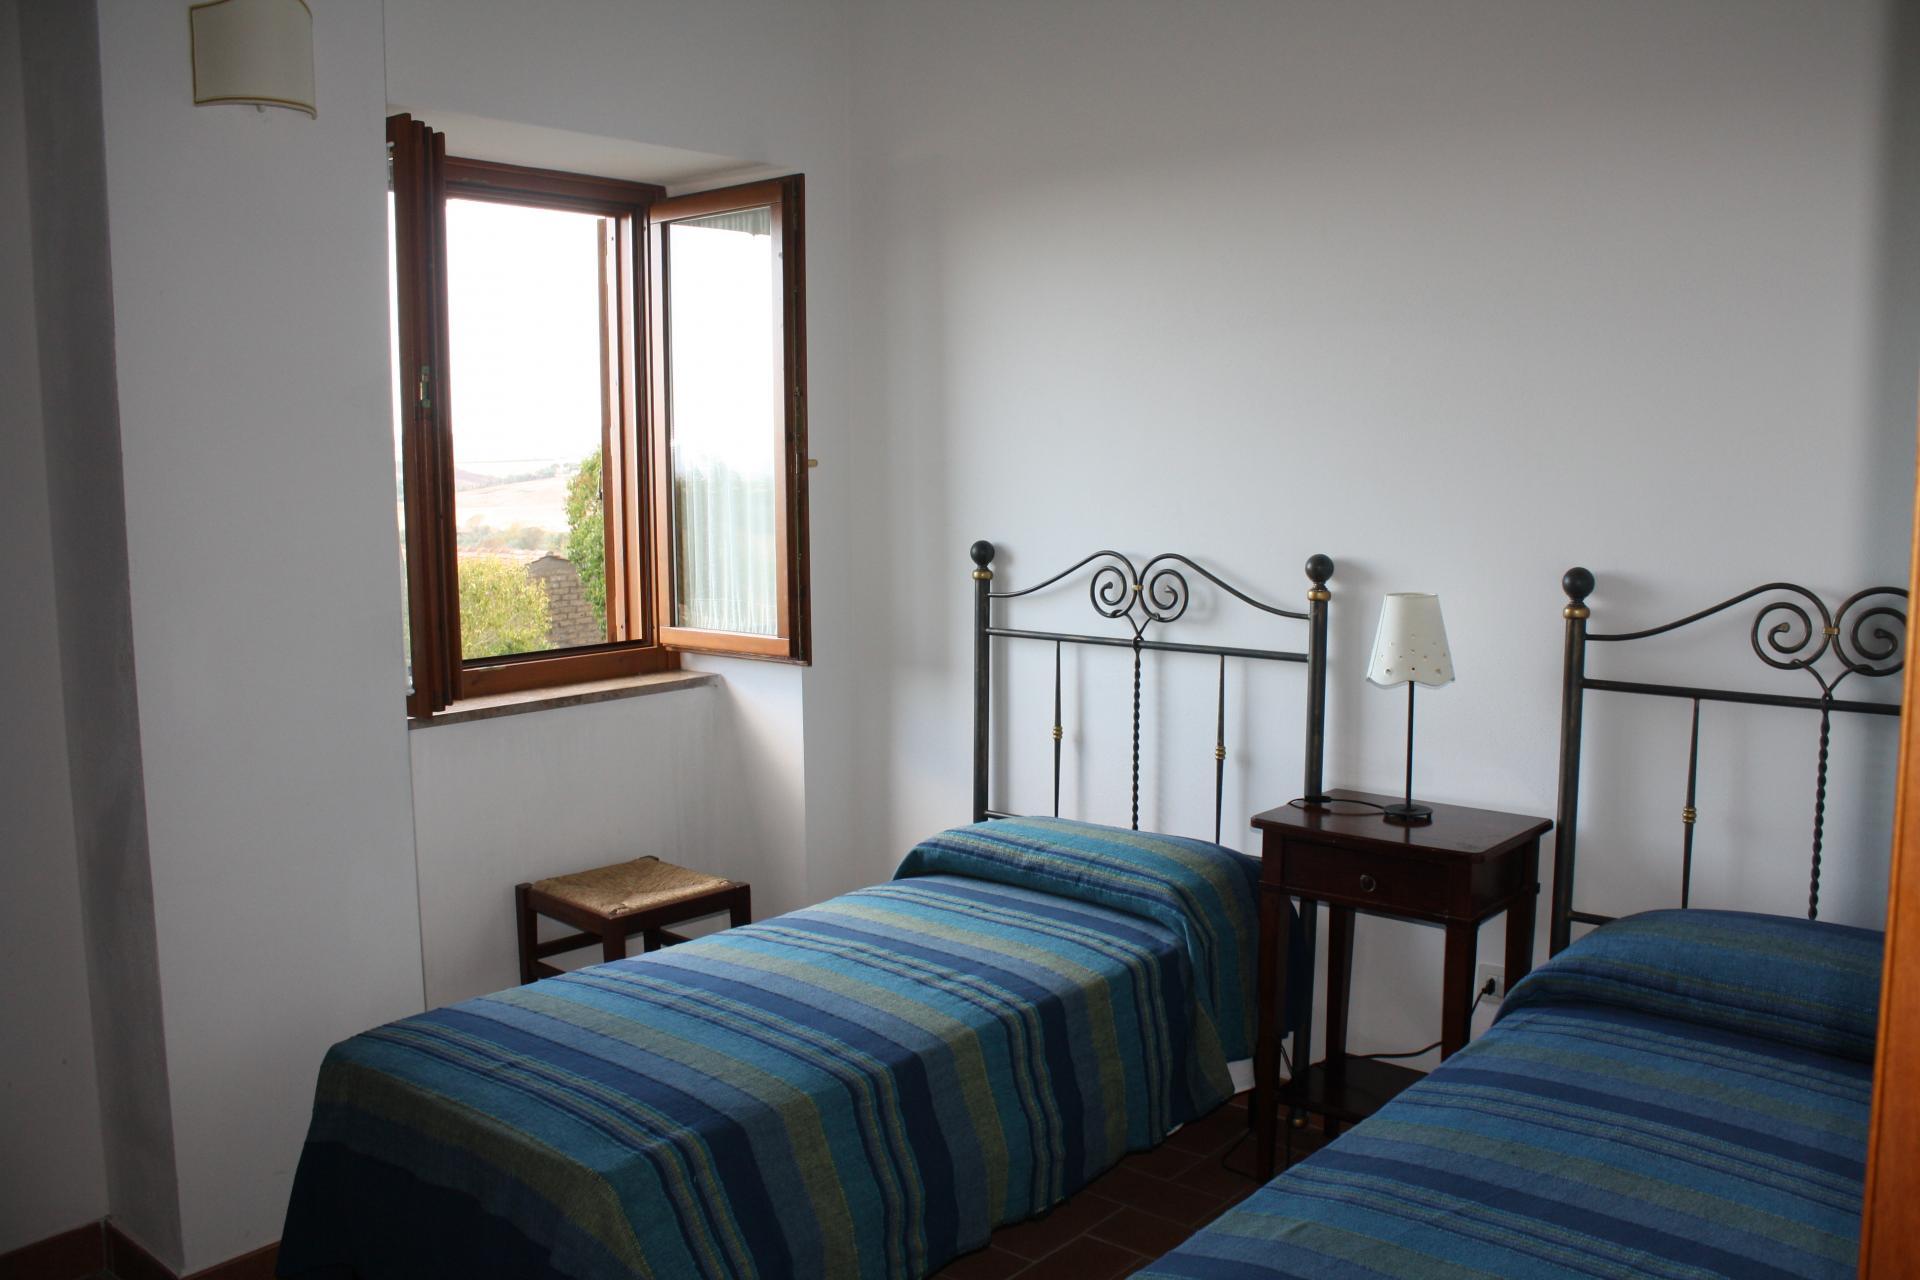 Slaapkamer Met 2 Eenpersoonsbedden.Alle Appartementen Beschikken Over Een Woongedeelte Met